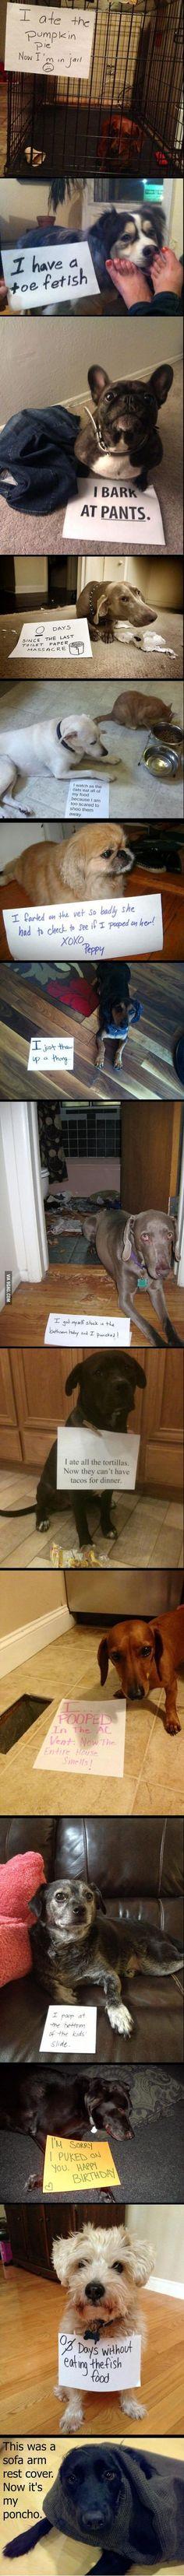 Best of Dog Shaming #funnydogshaming